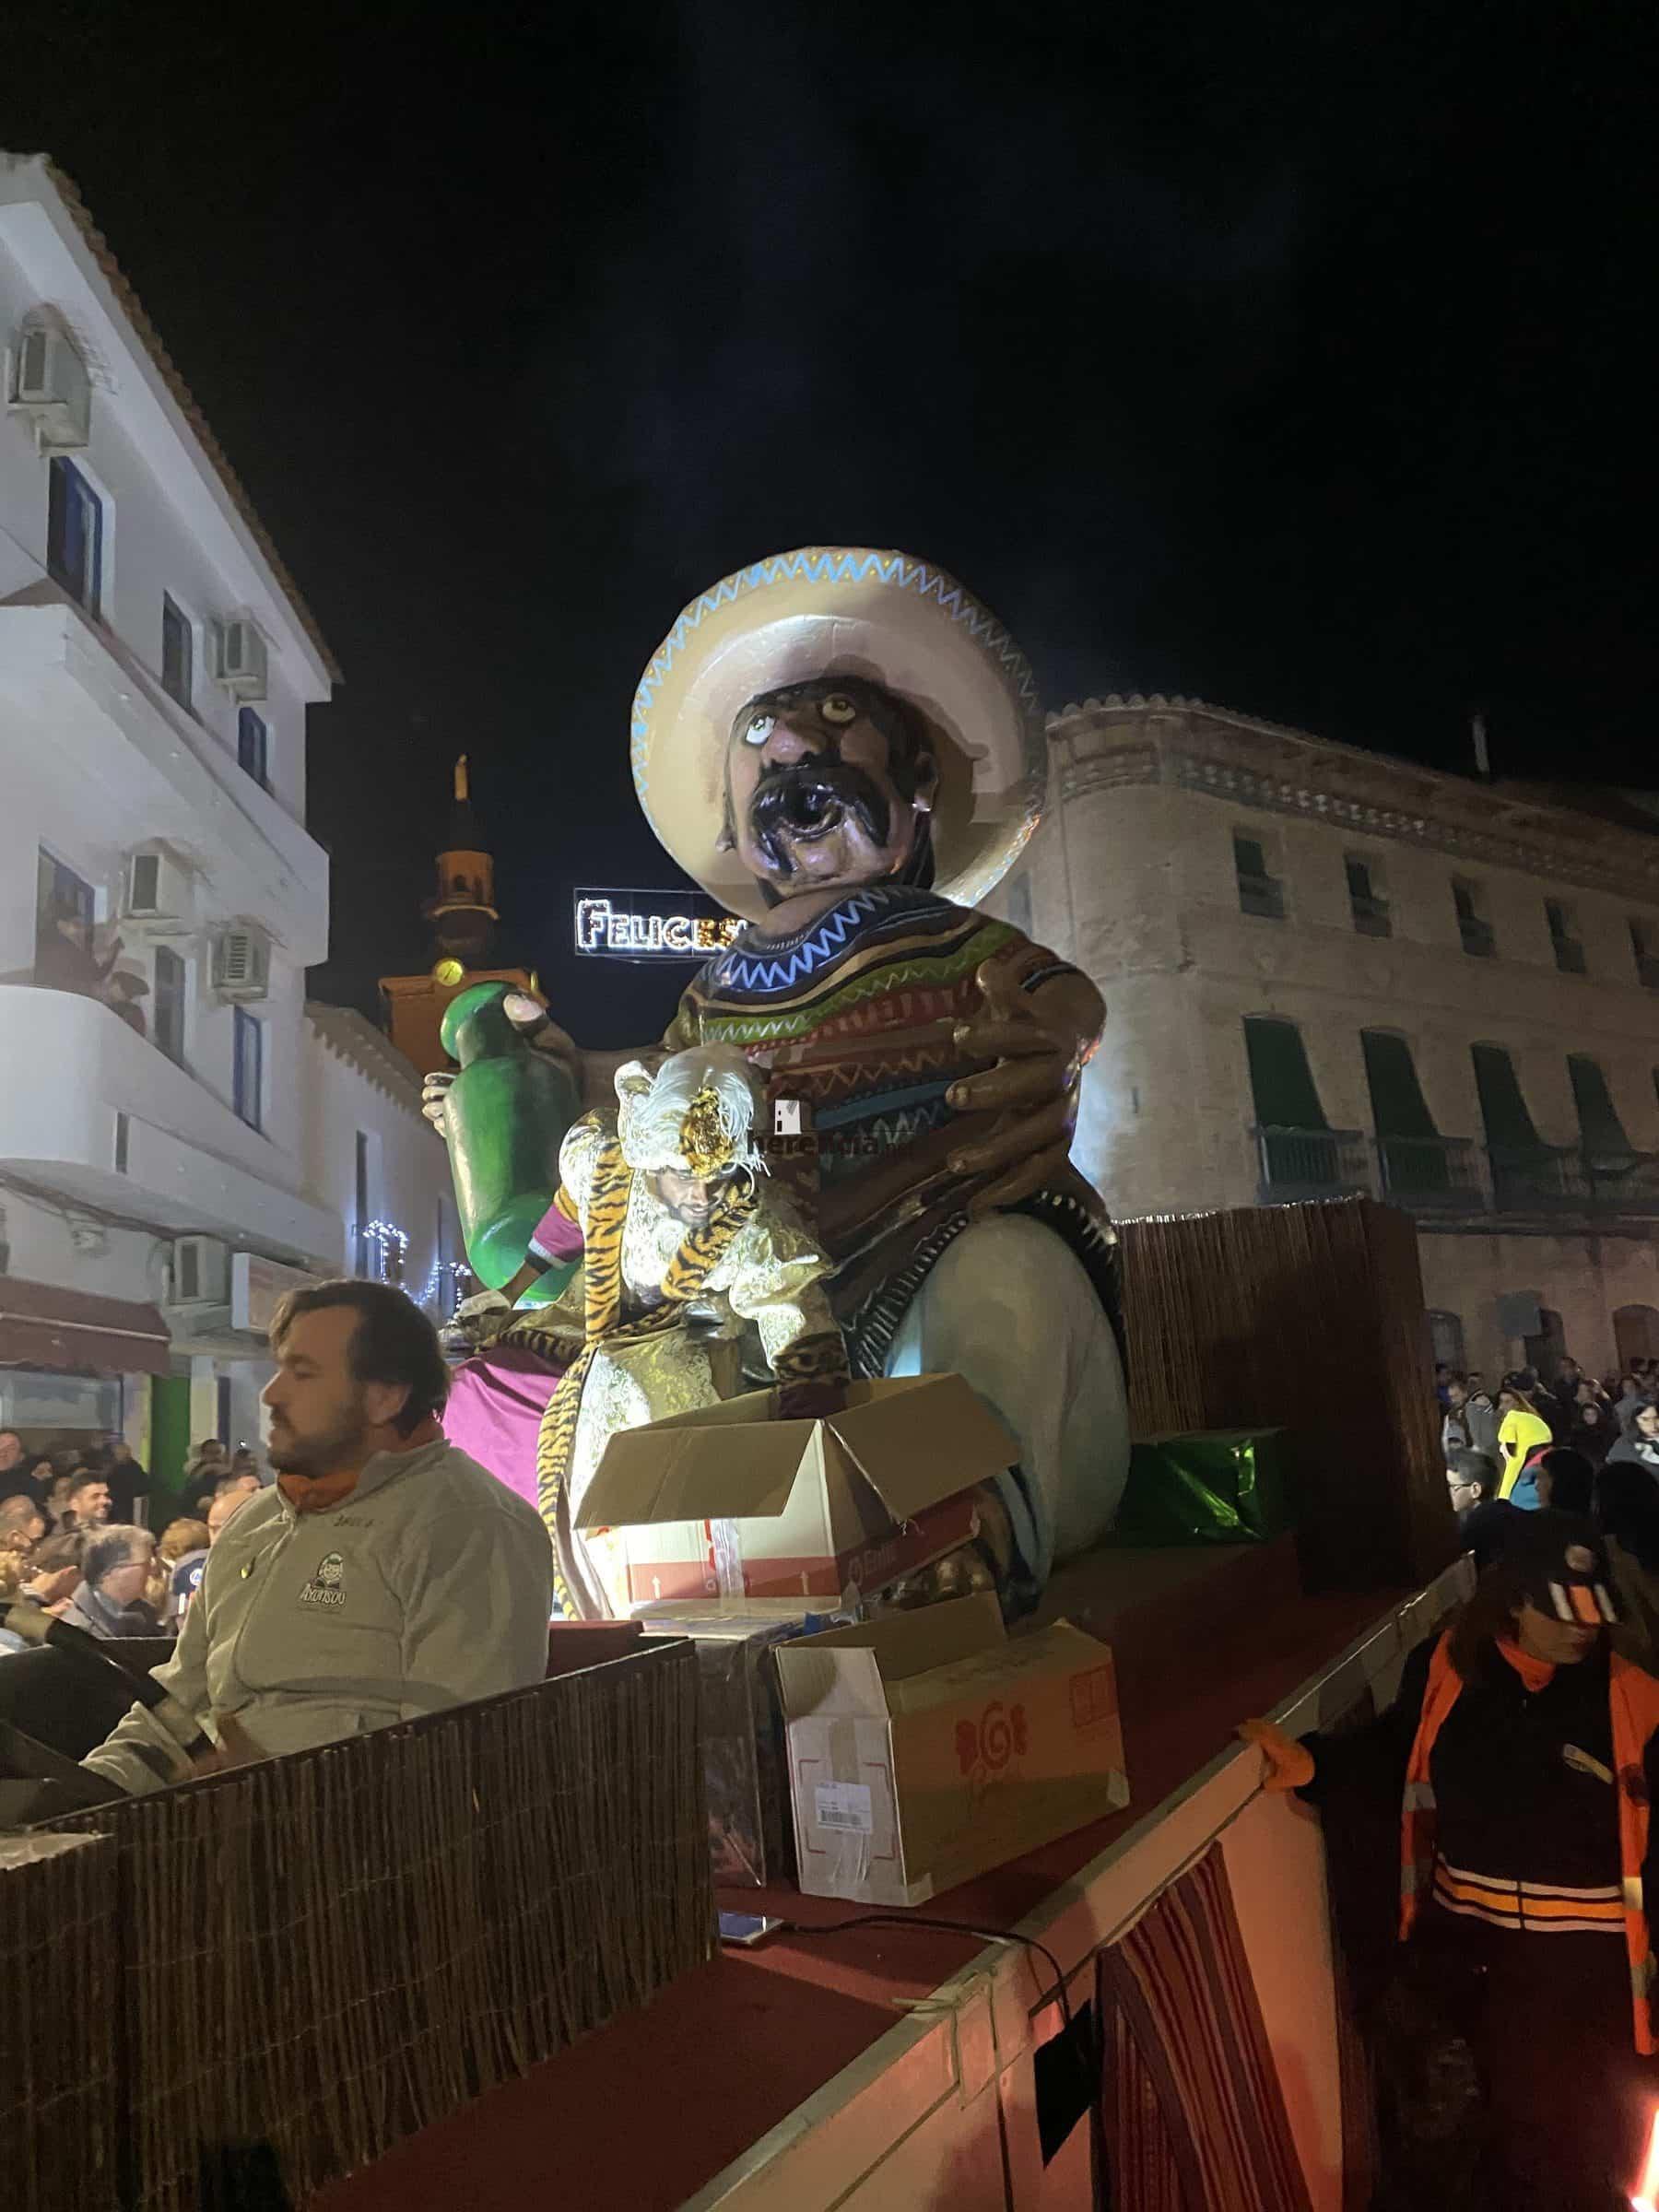 cabalgata reyes 2019 herencia 8 e1578264186851 - Galería de fotografías de Cabalgata de Reyes Magos de Herencia